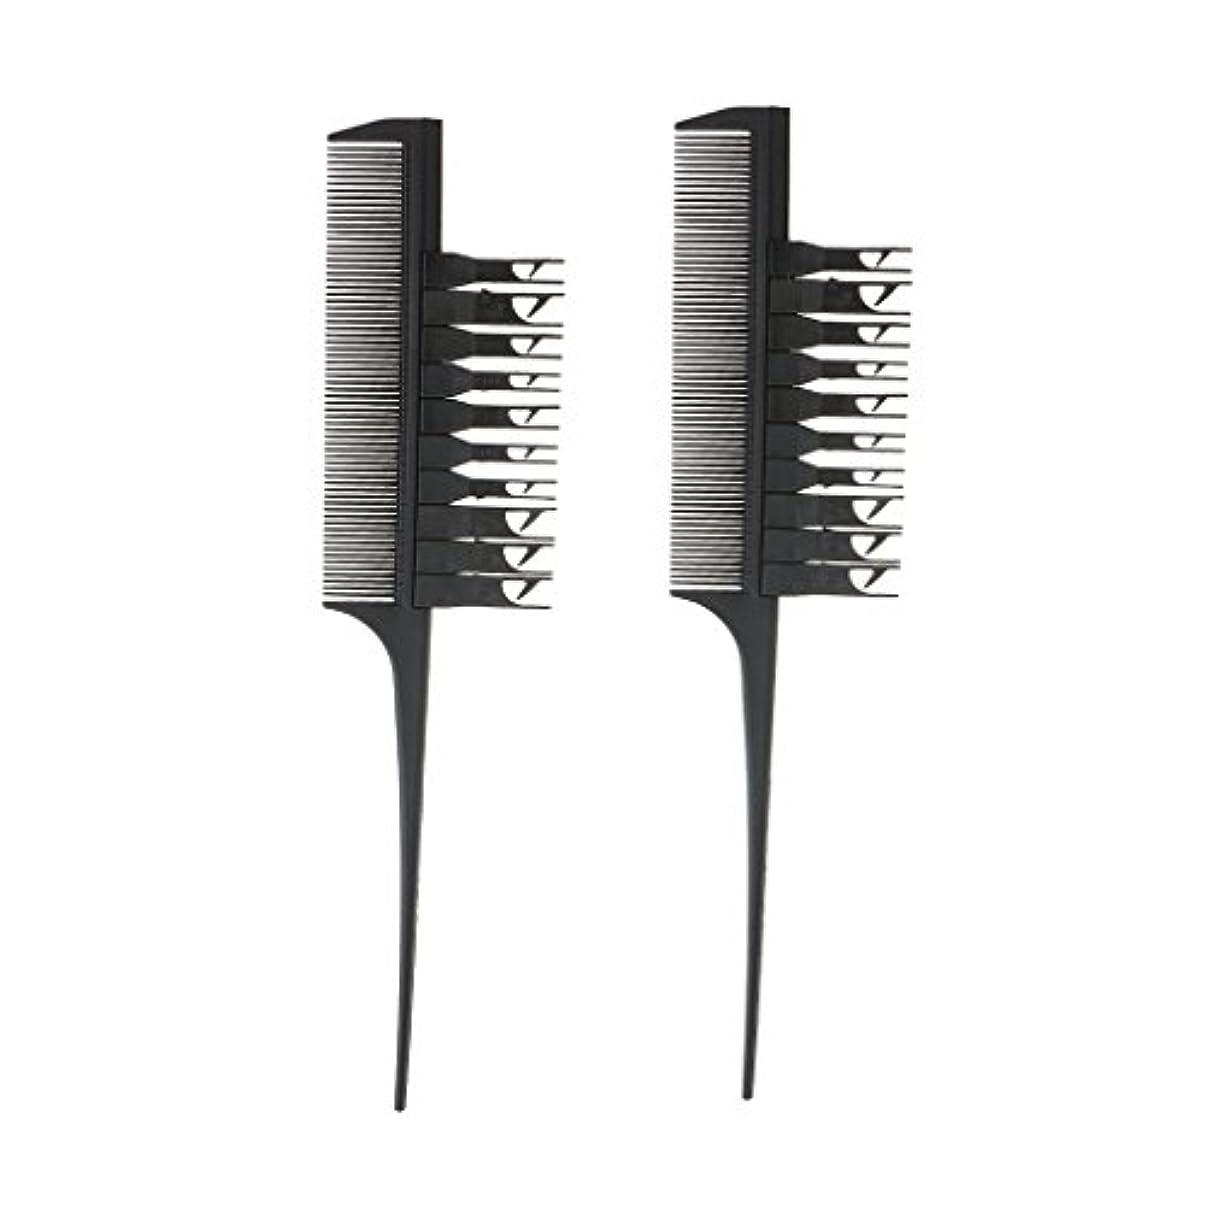 なかなか状アラバマ2個 コーム 櫛 ブラシ ヘアダイブラシ サロン ヘアカラーリング 髪の毛 スライス 交換可能